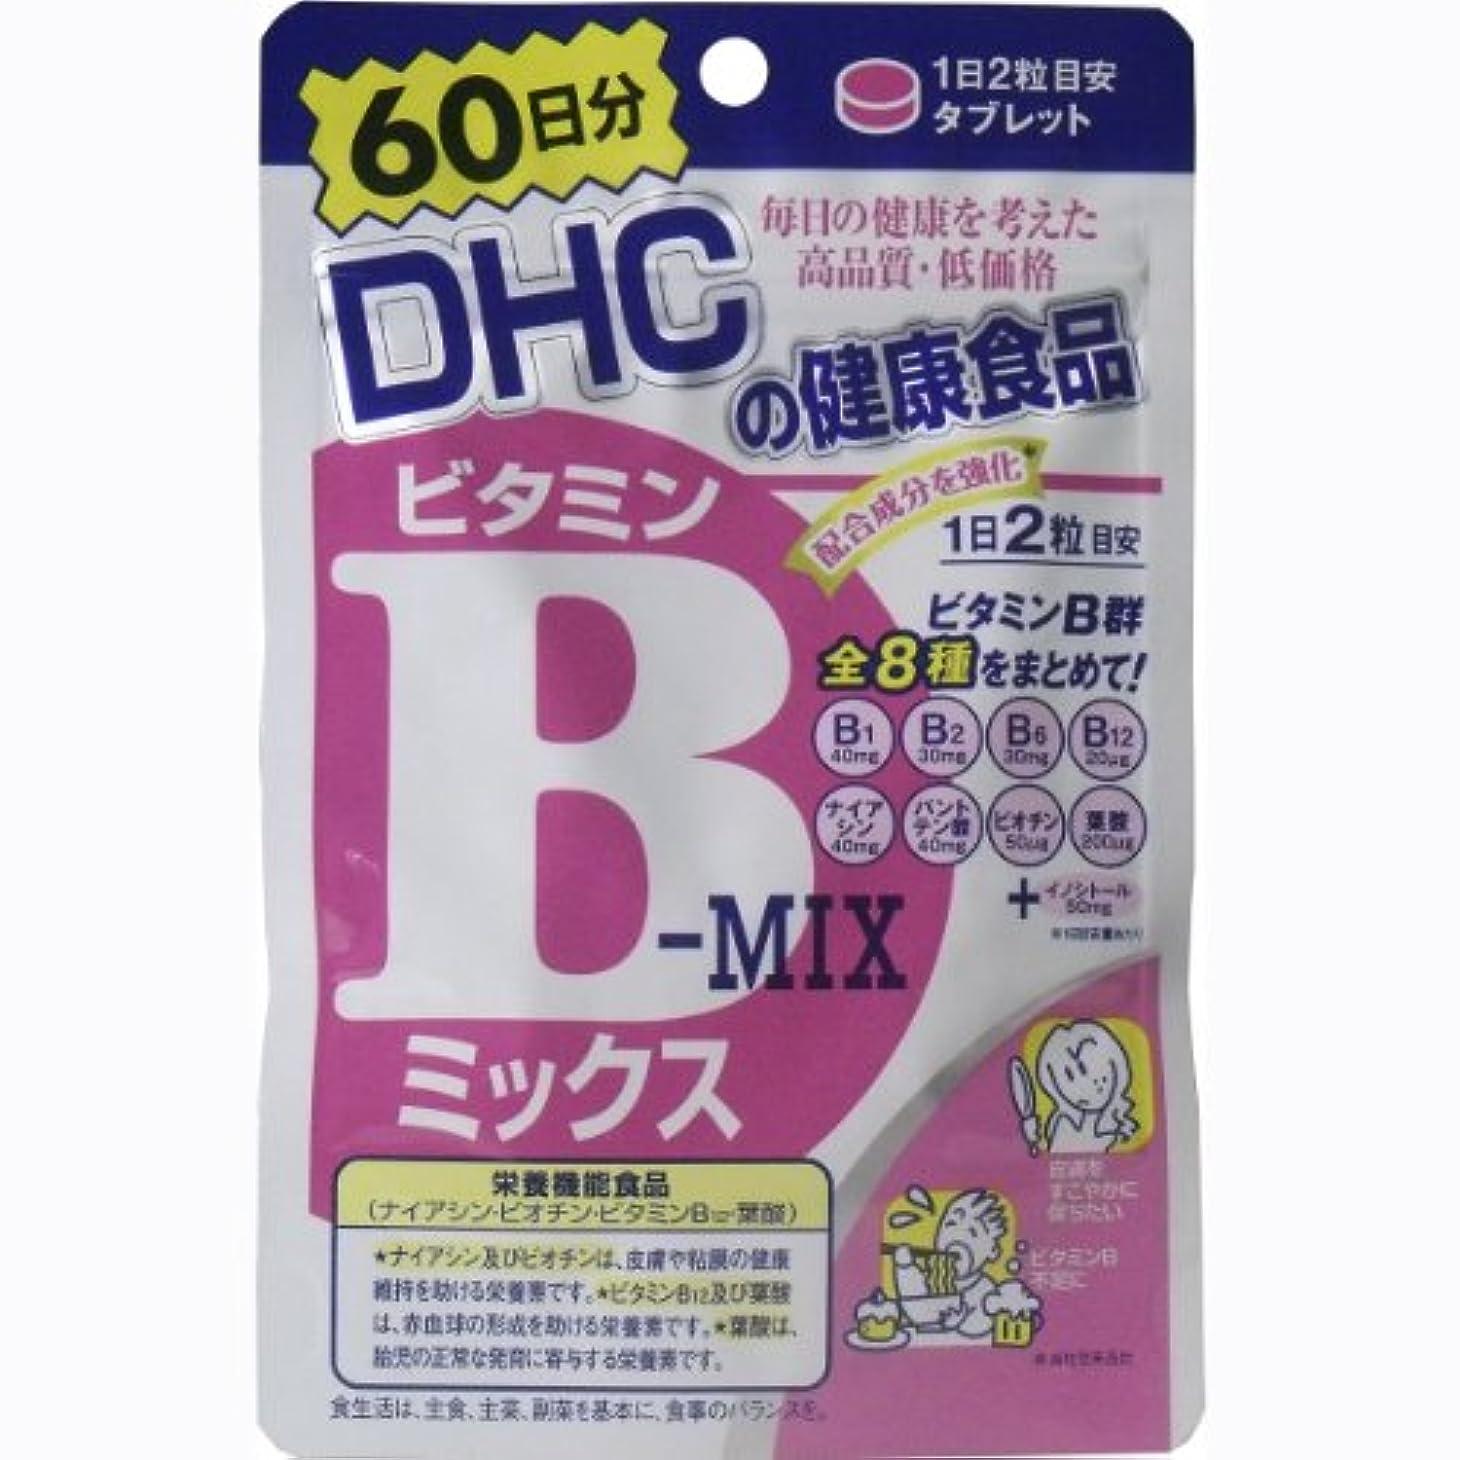 みなす短命乙女【???便】DHC ビタミンBミックス 60日分(120粒)×4個セット